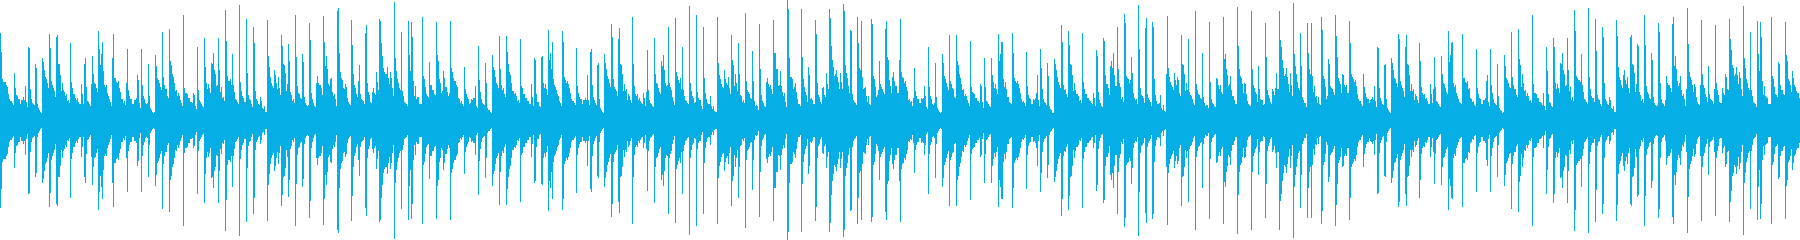 ポップピアノバラードは、エルトンジ...の再生済みの波形